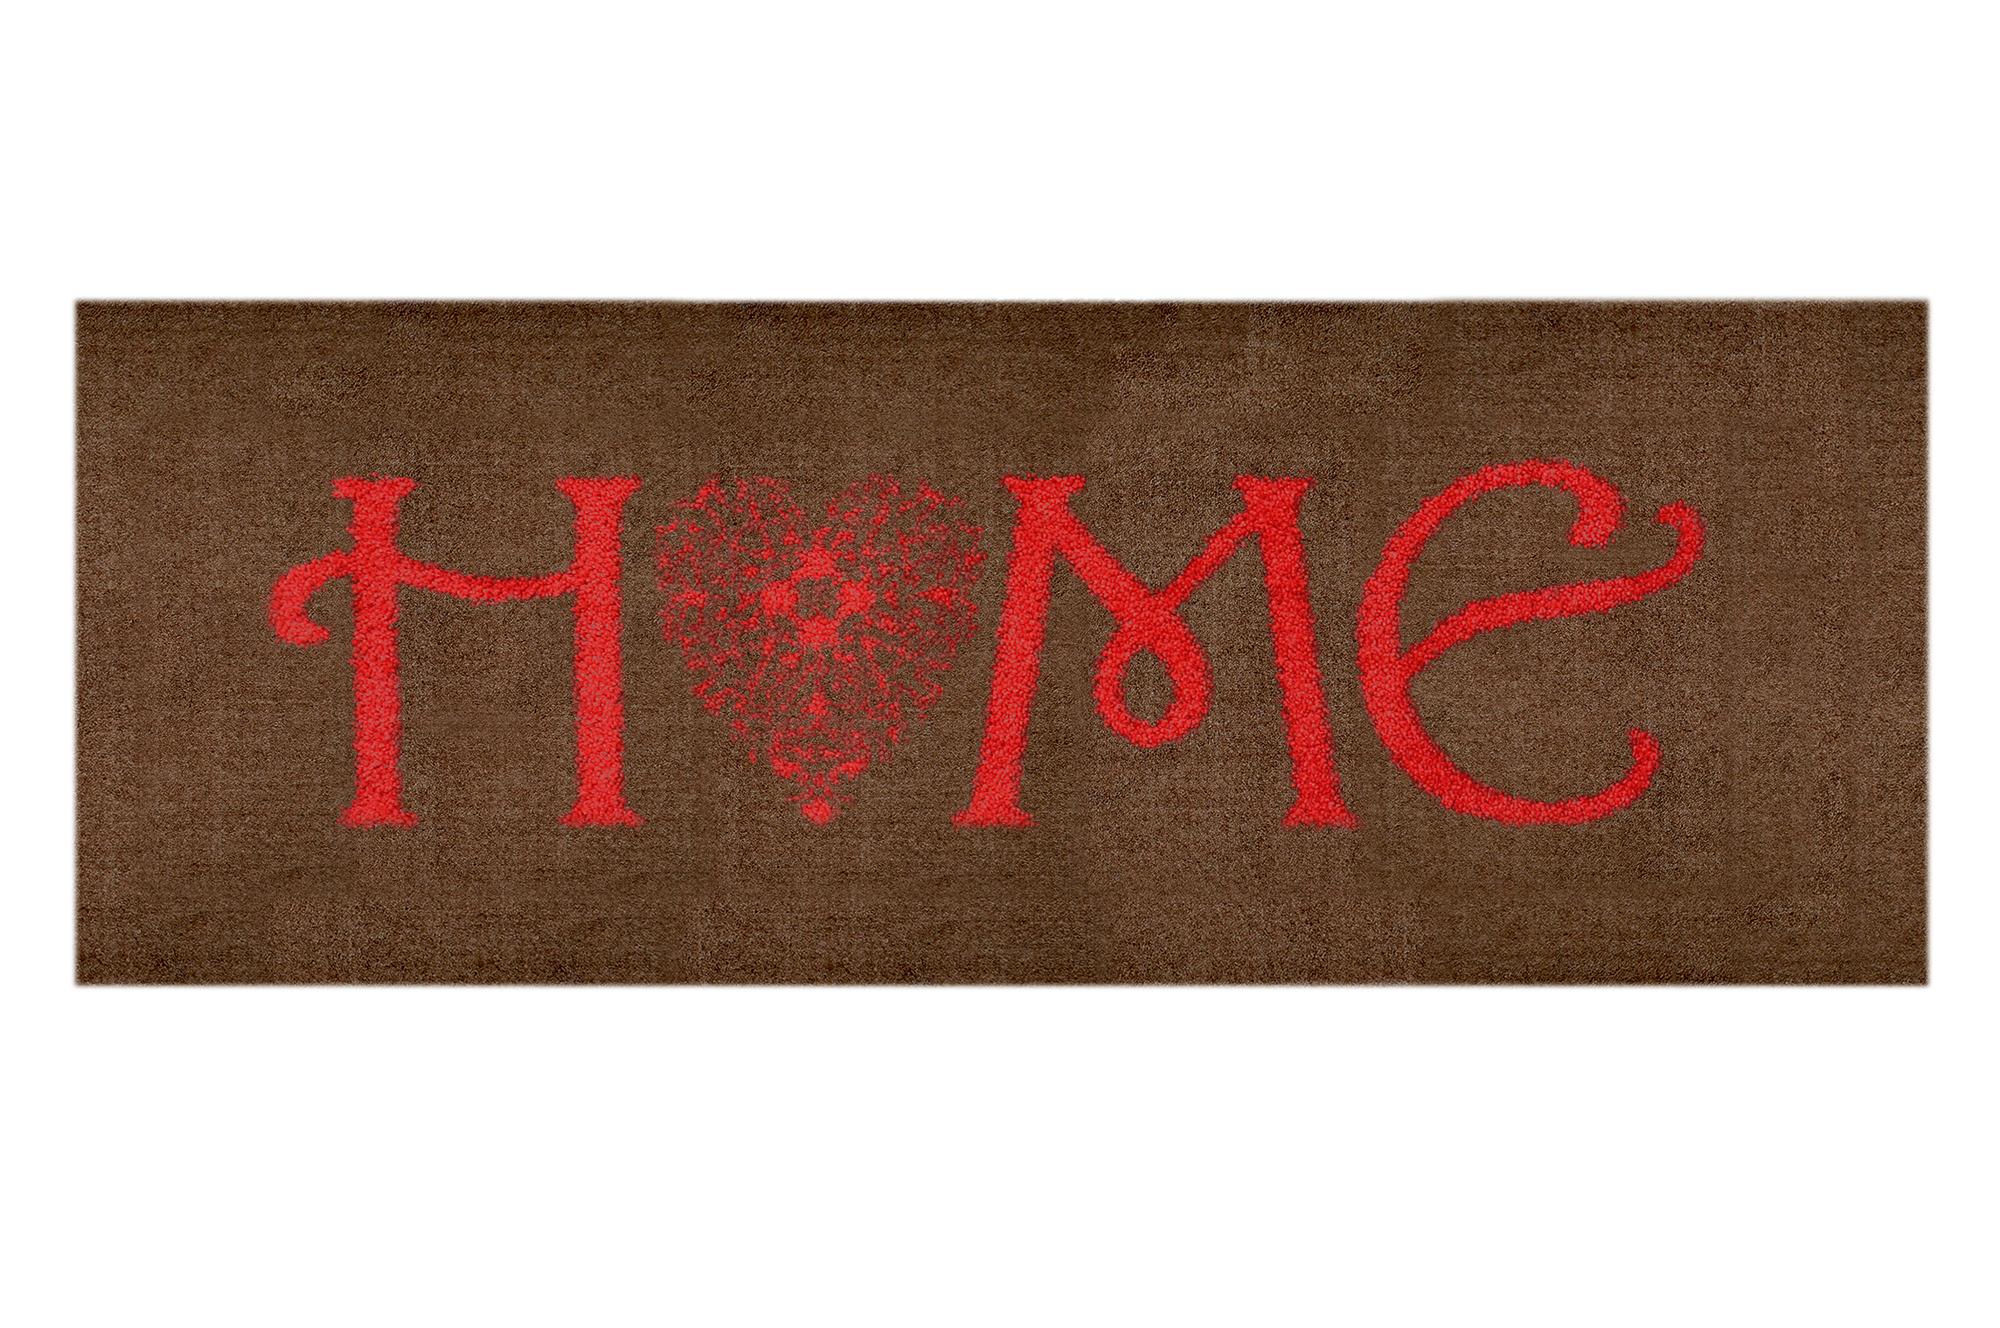 Schmutzfangteppich, LifeStyle-Mat: Home Heart, groß (50 x 150 cm)